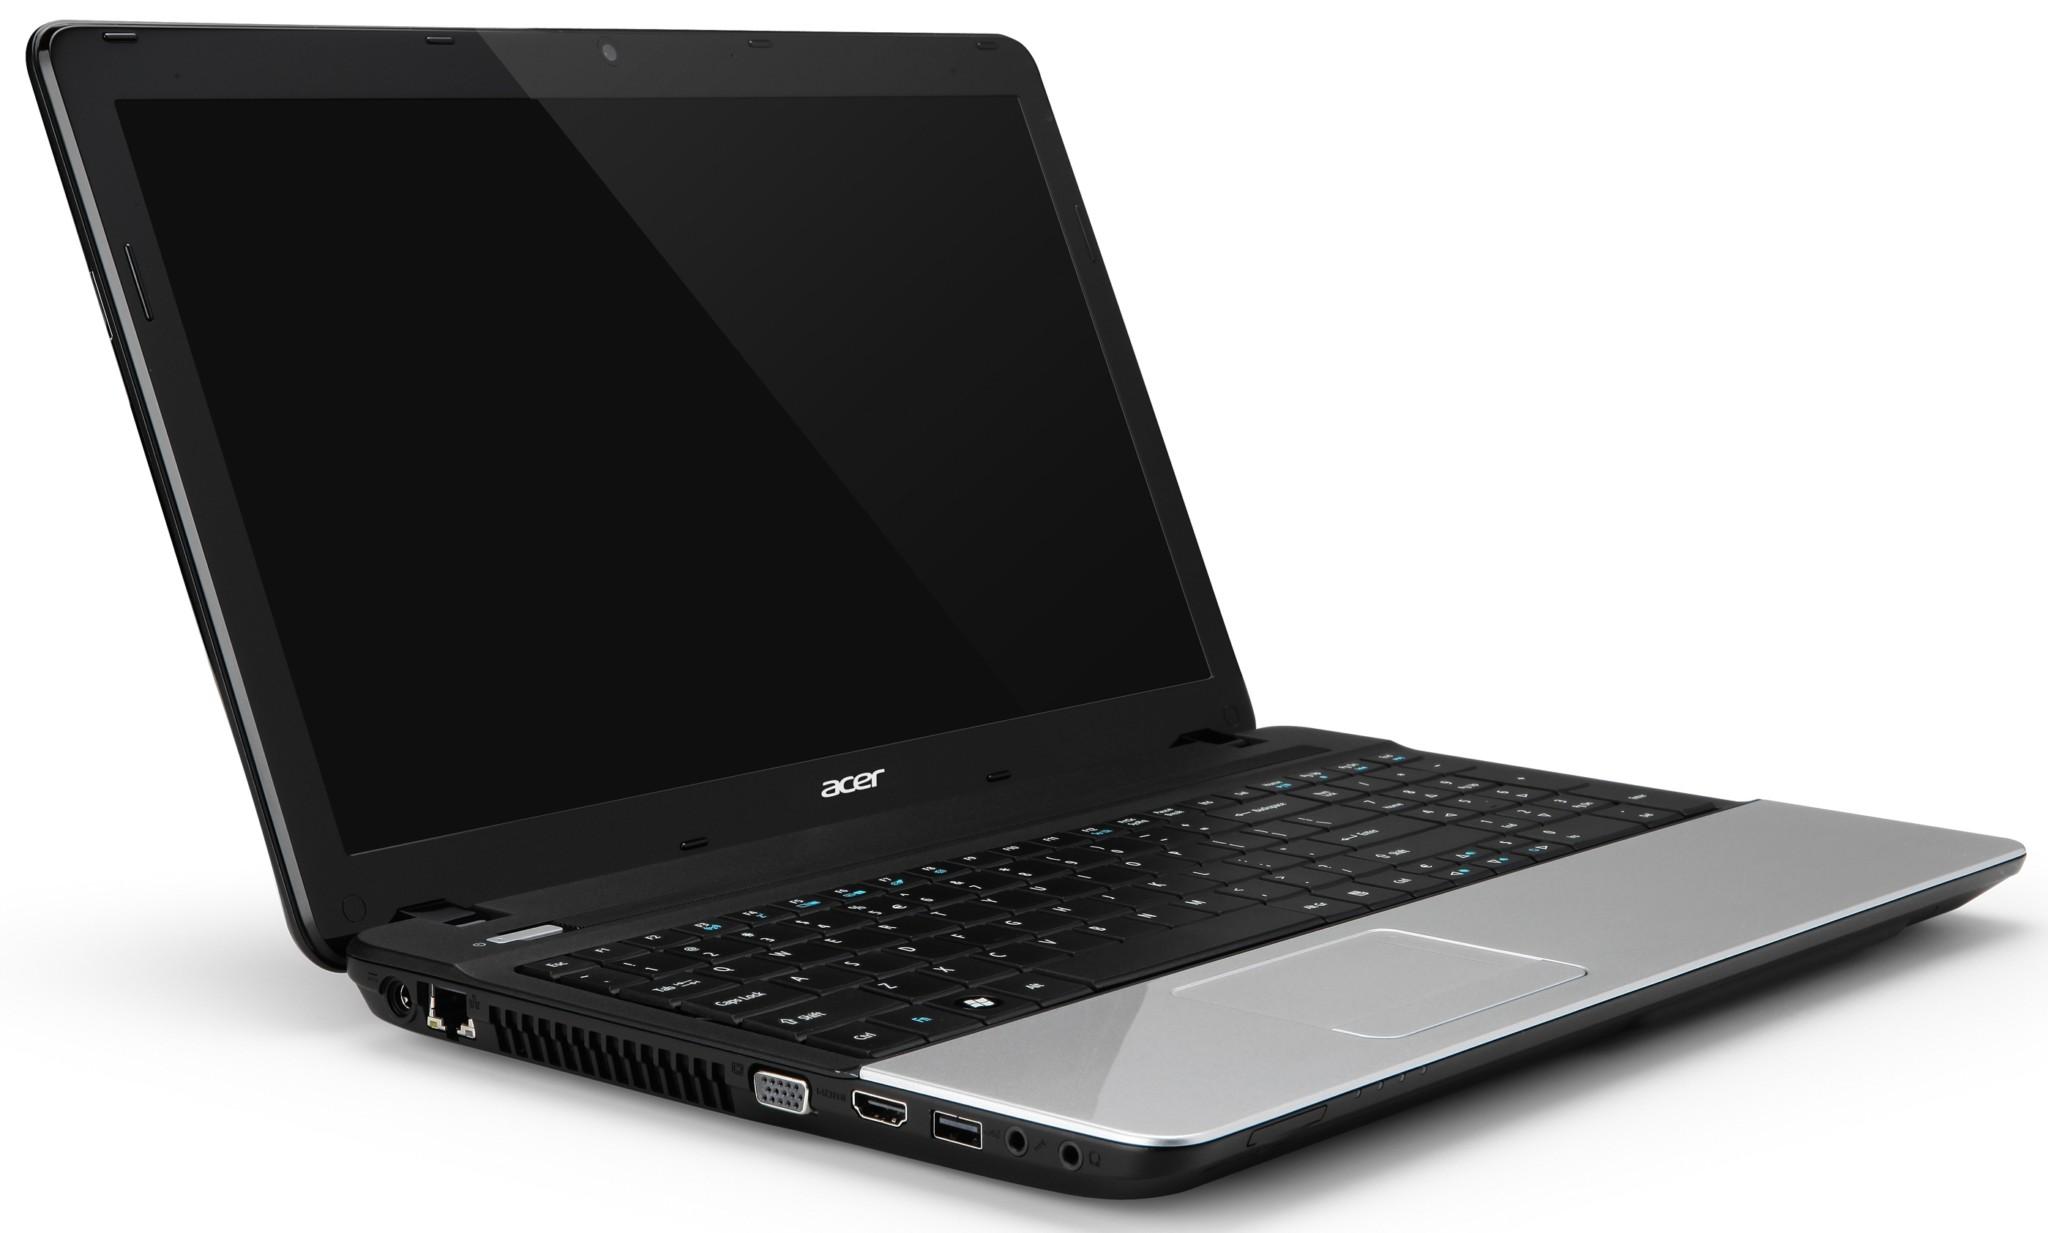 bán laptop cũ acer e1-571g giá rẻ tại hà nội